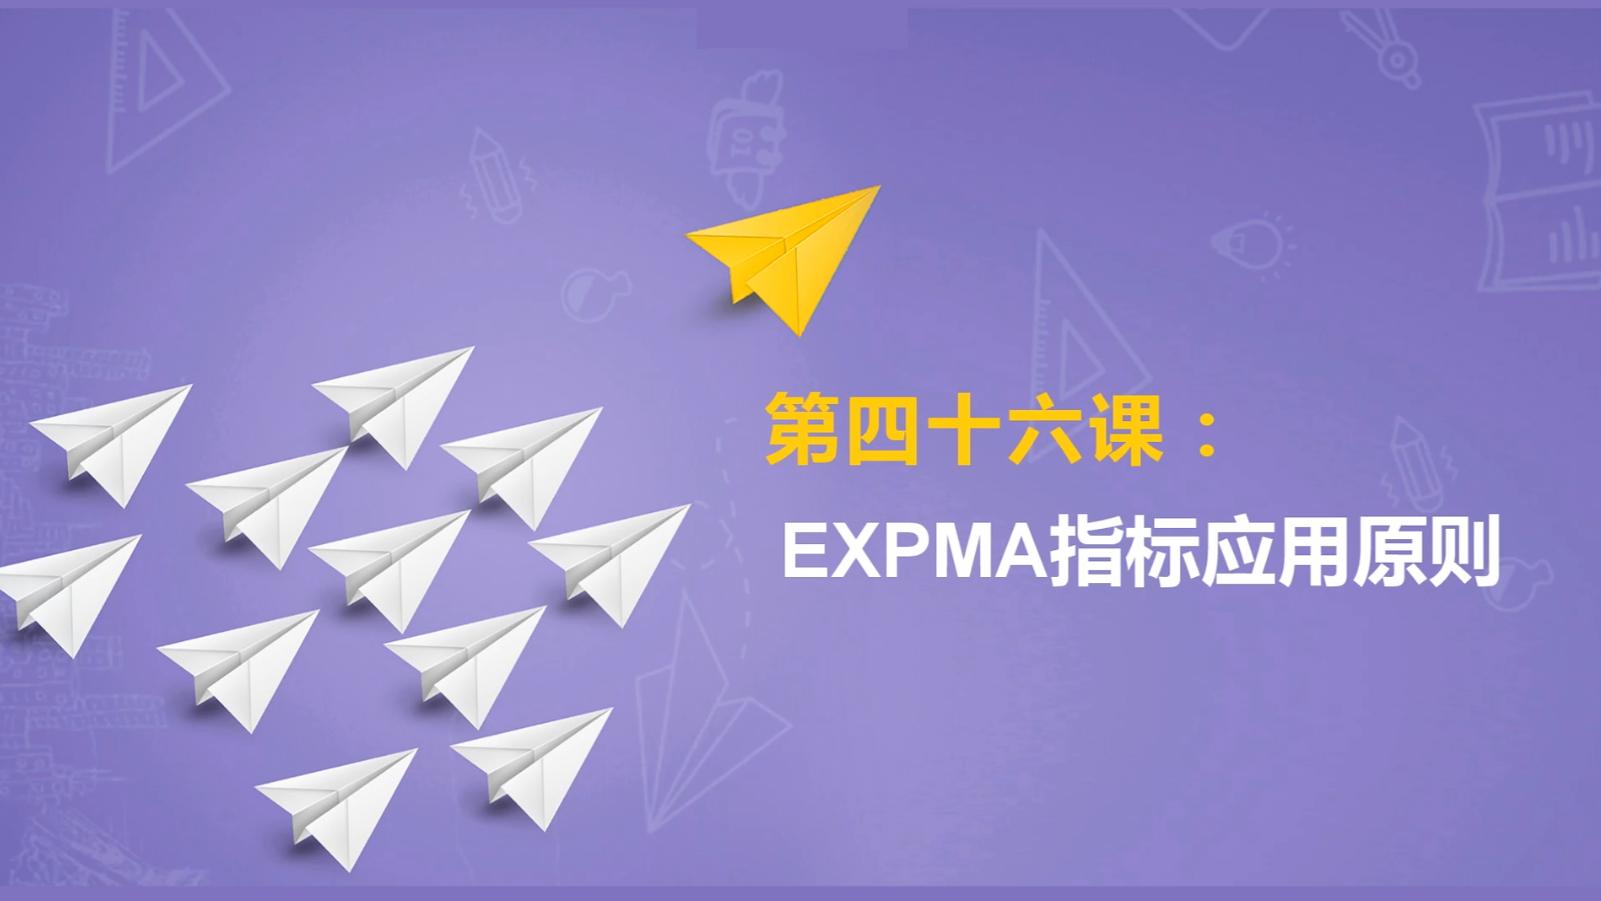 小白课堂46课:EXPMA指标计算公式,三大应用原则